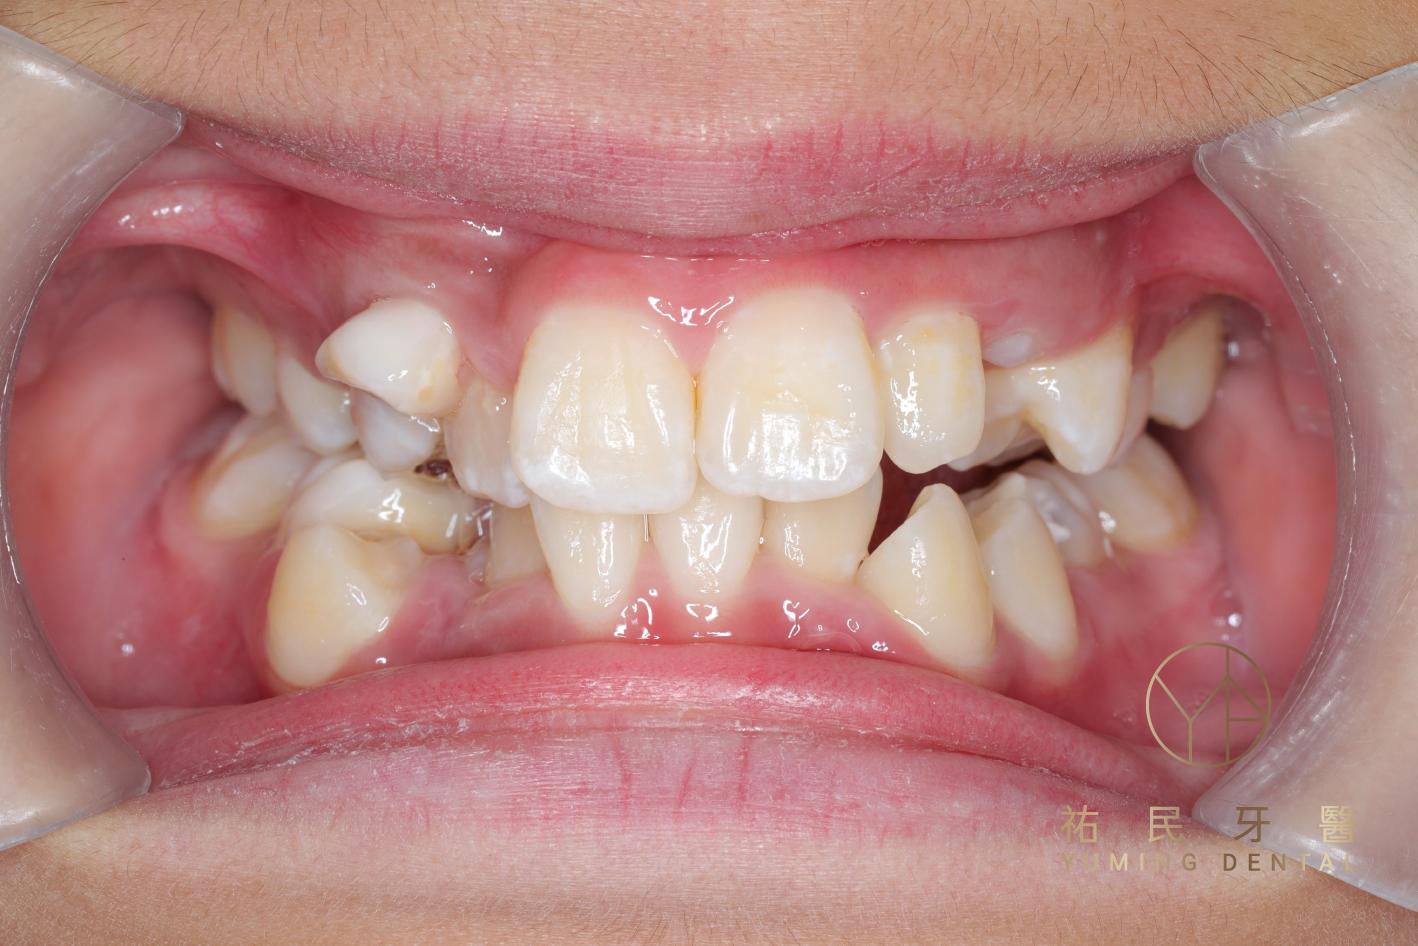 牙齒不整齊原因2.混合齒列:如果乳牙換牙不順利,恆牙就會發生萌發順序上的錯誤